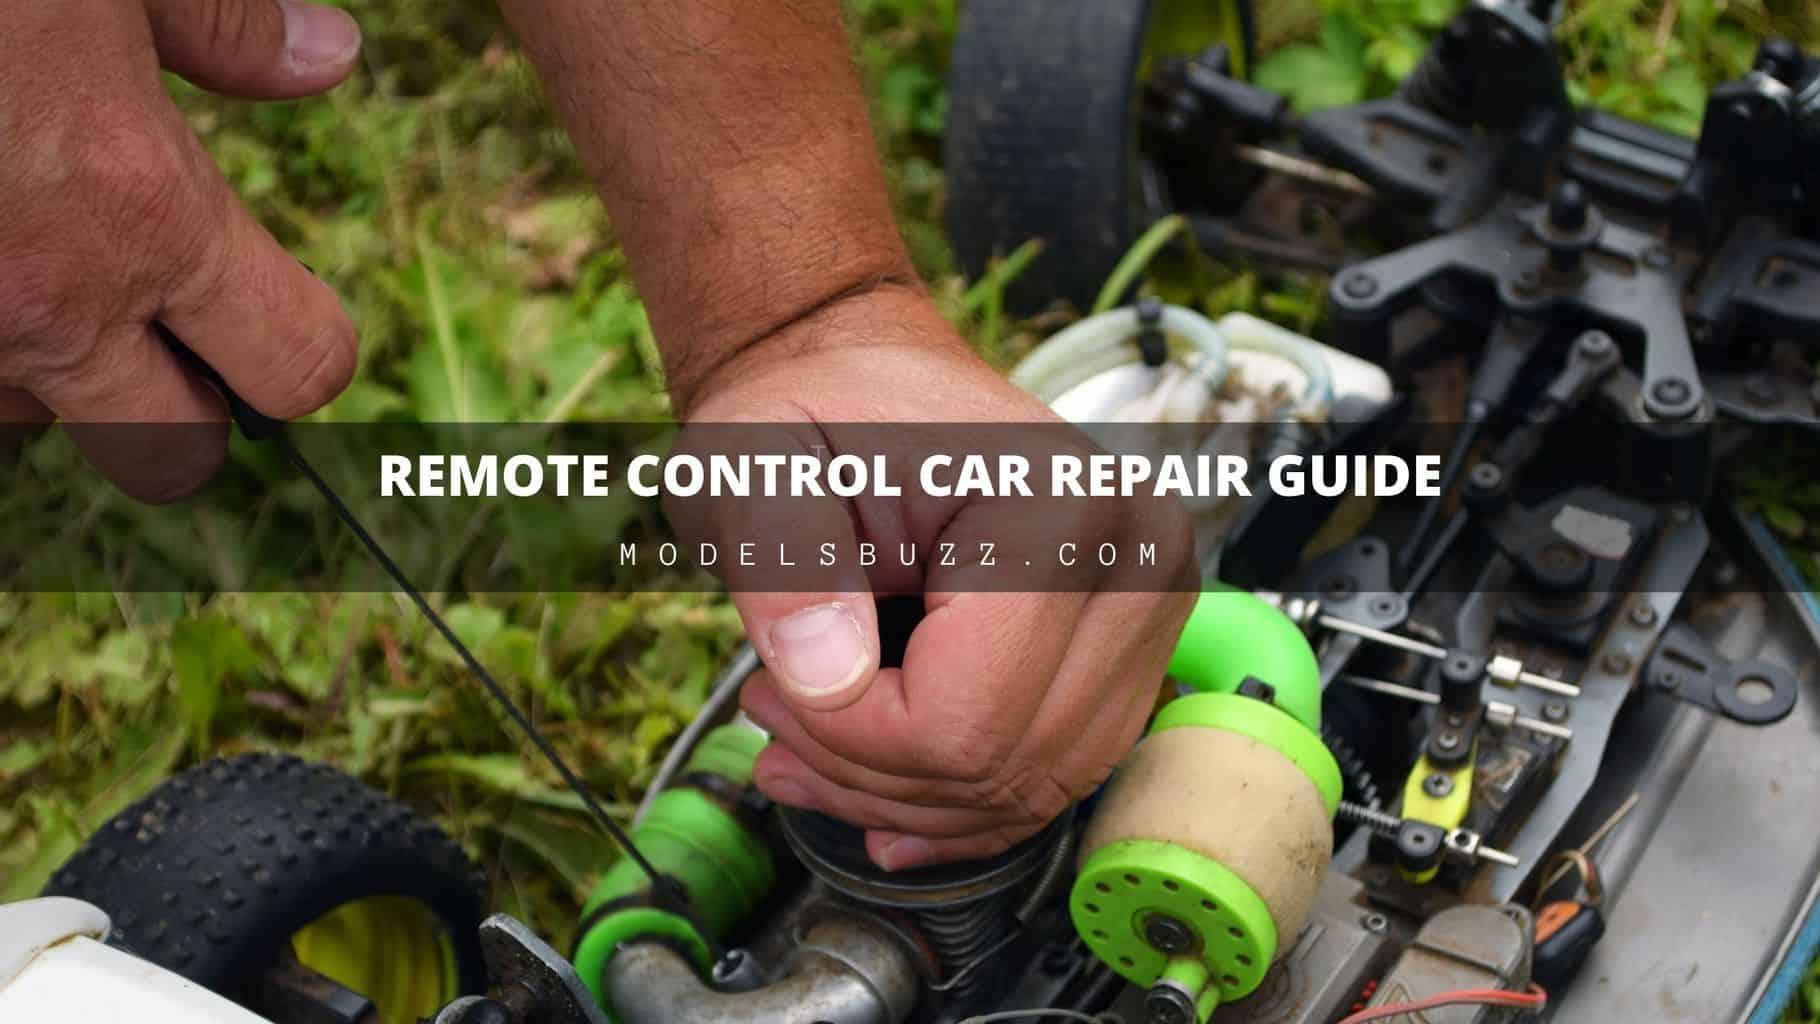 RC Car Repair Guide